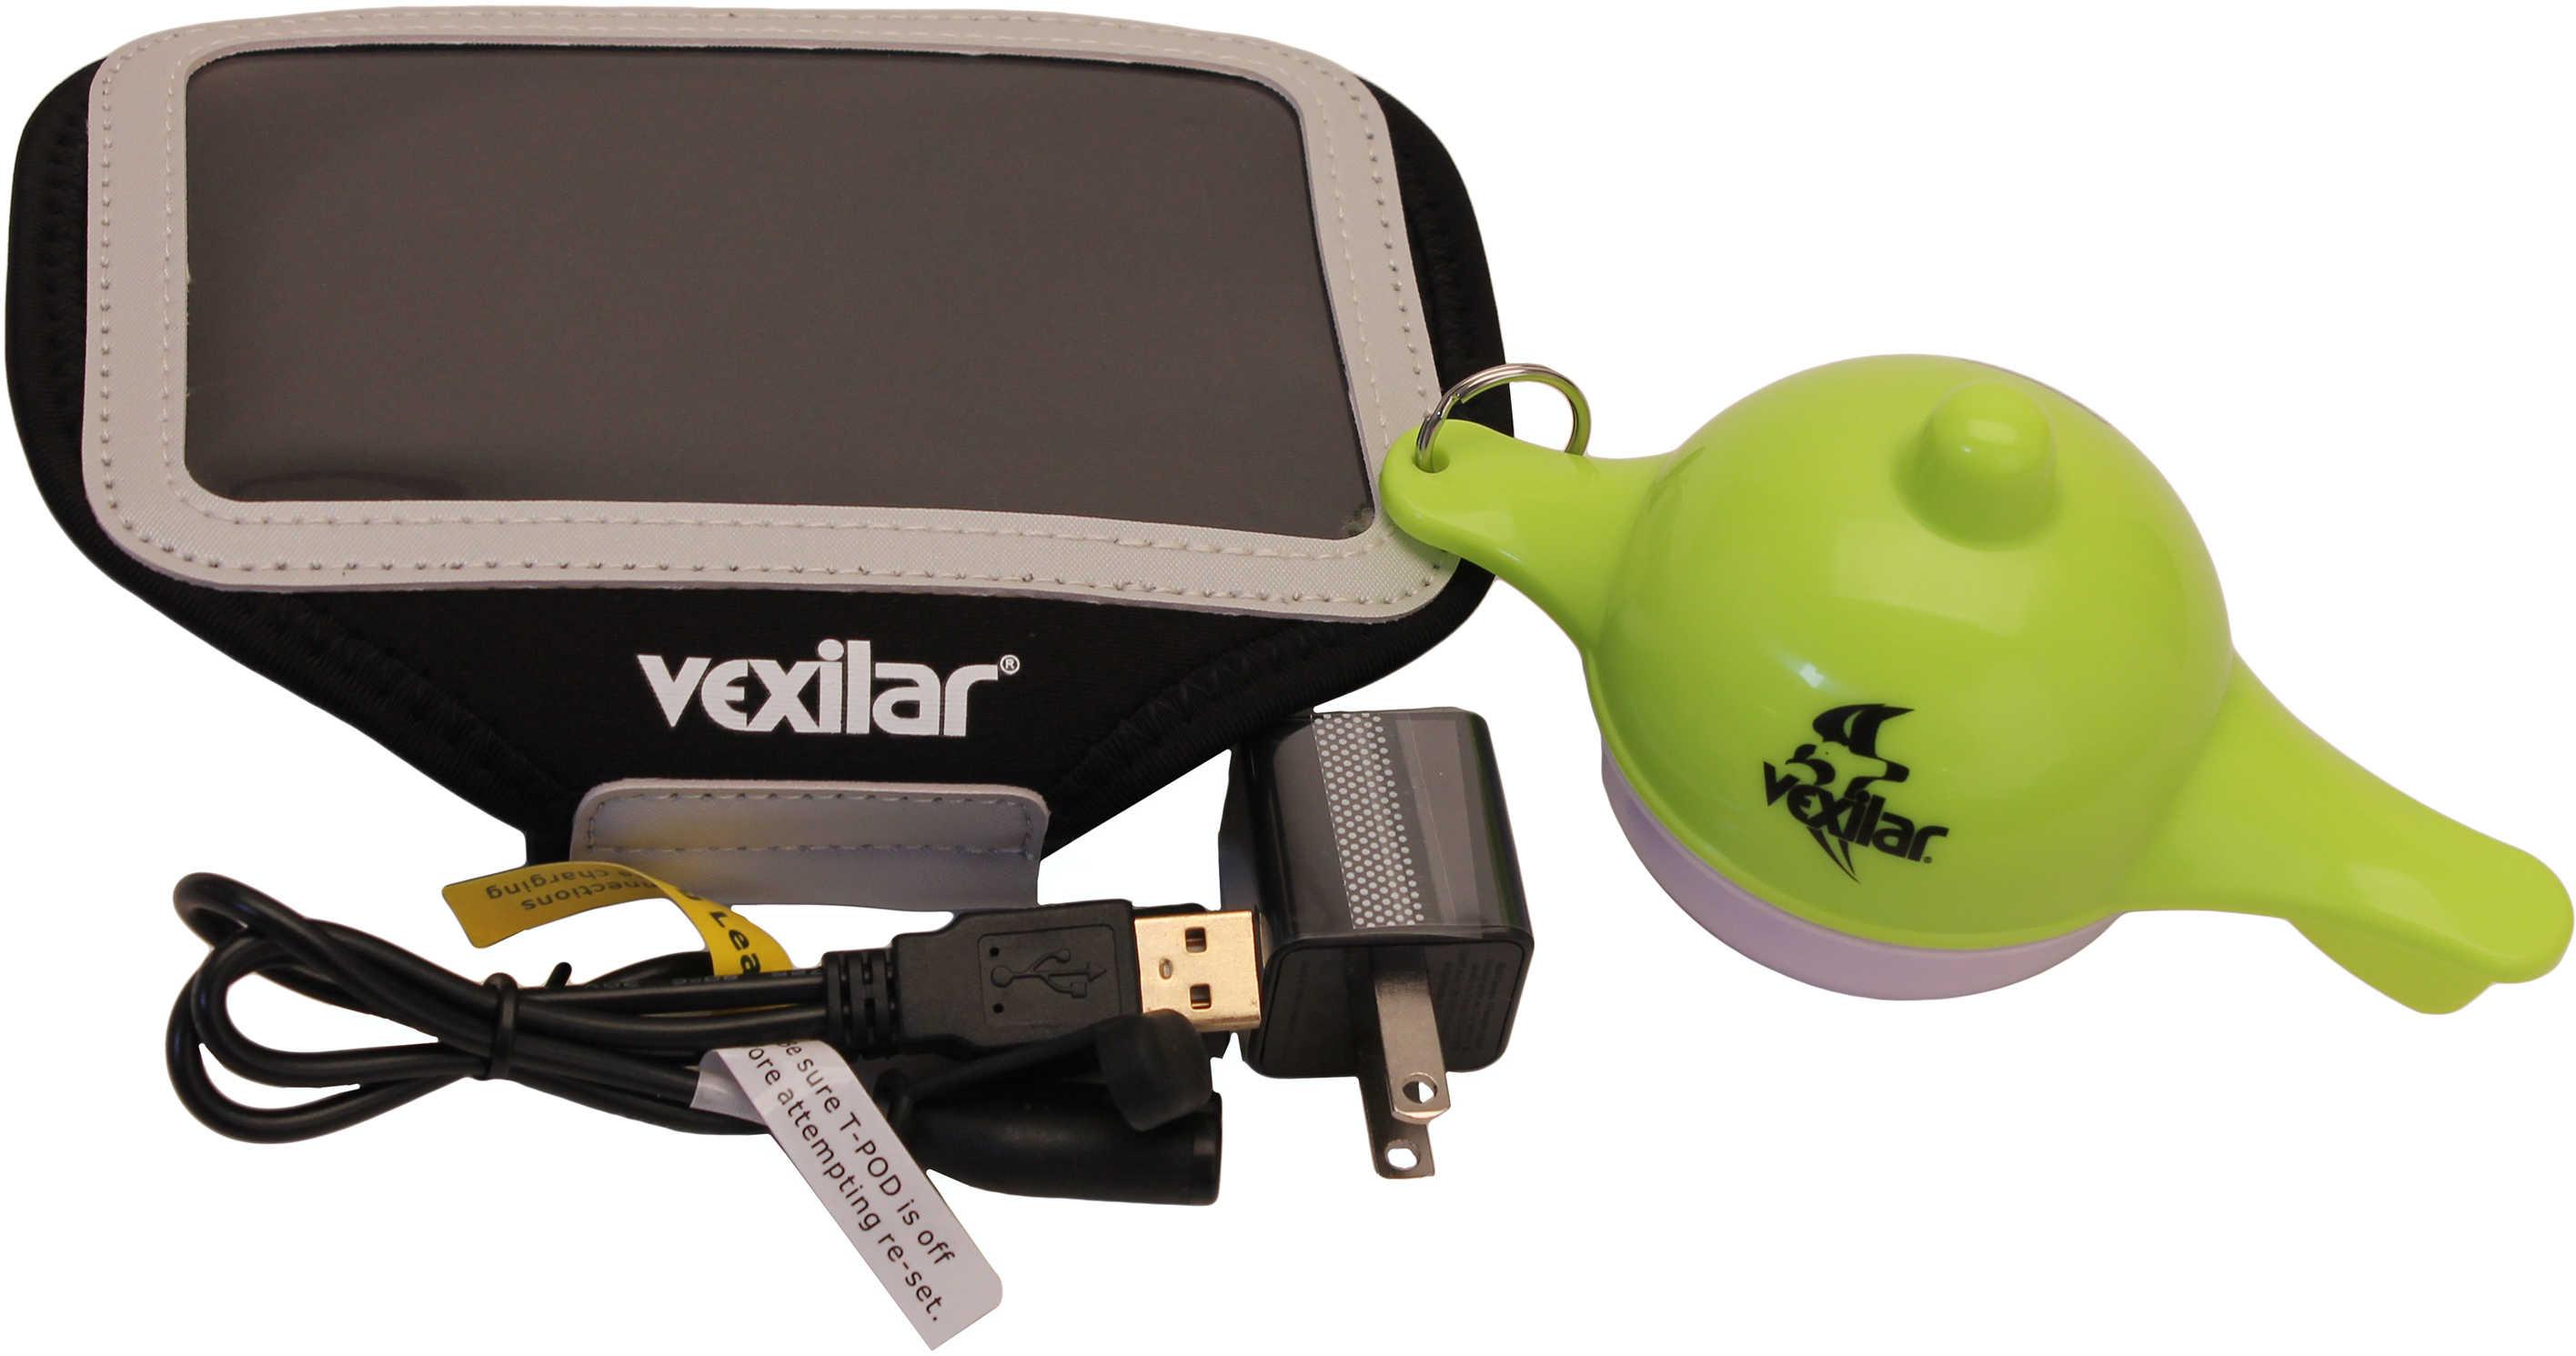 Vexilar Inc. Vexilar Sonarphone with Transducer SP100